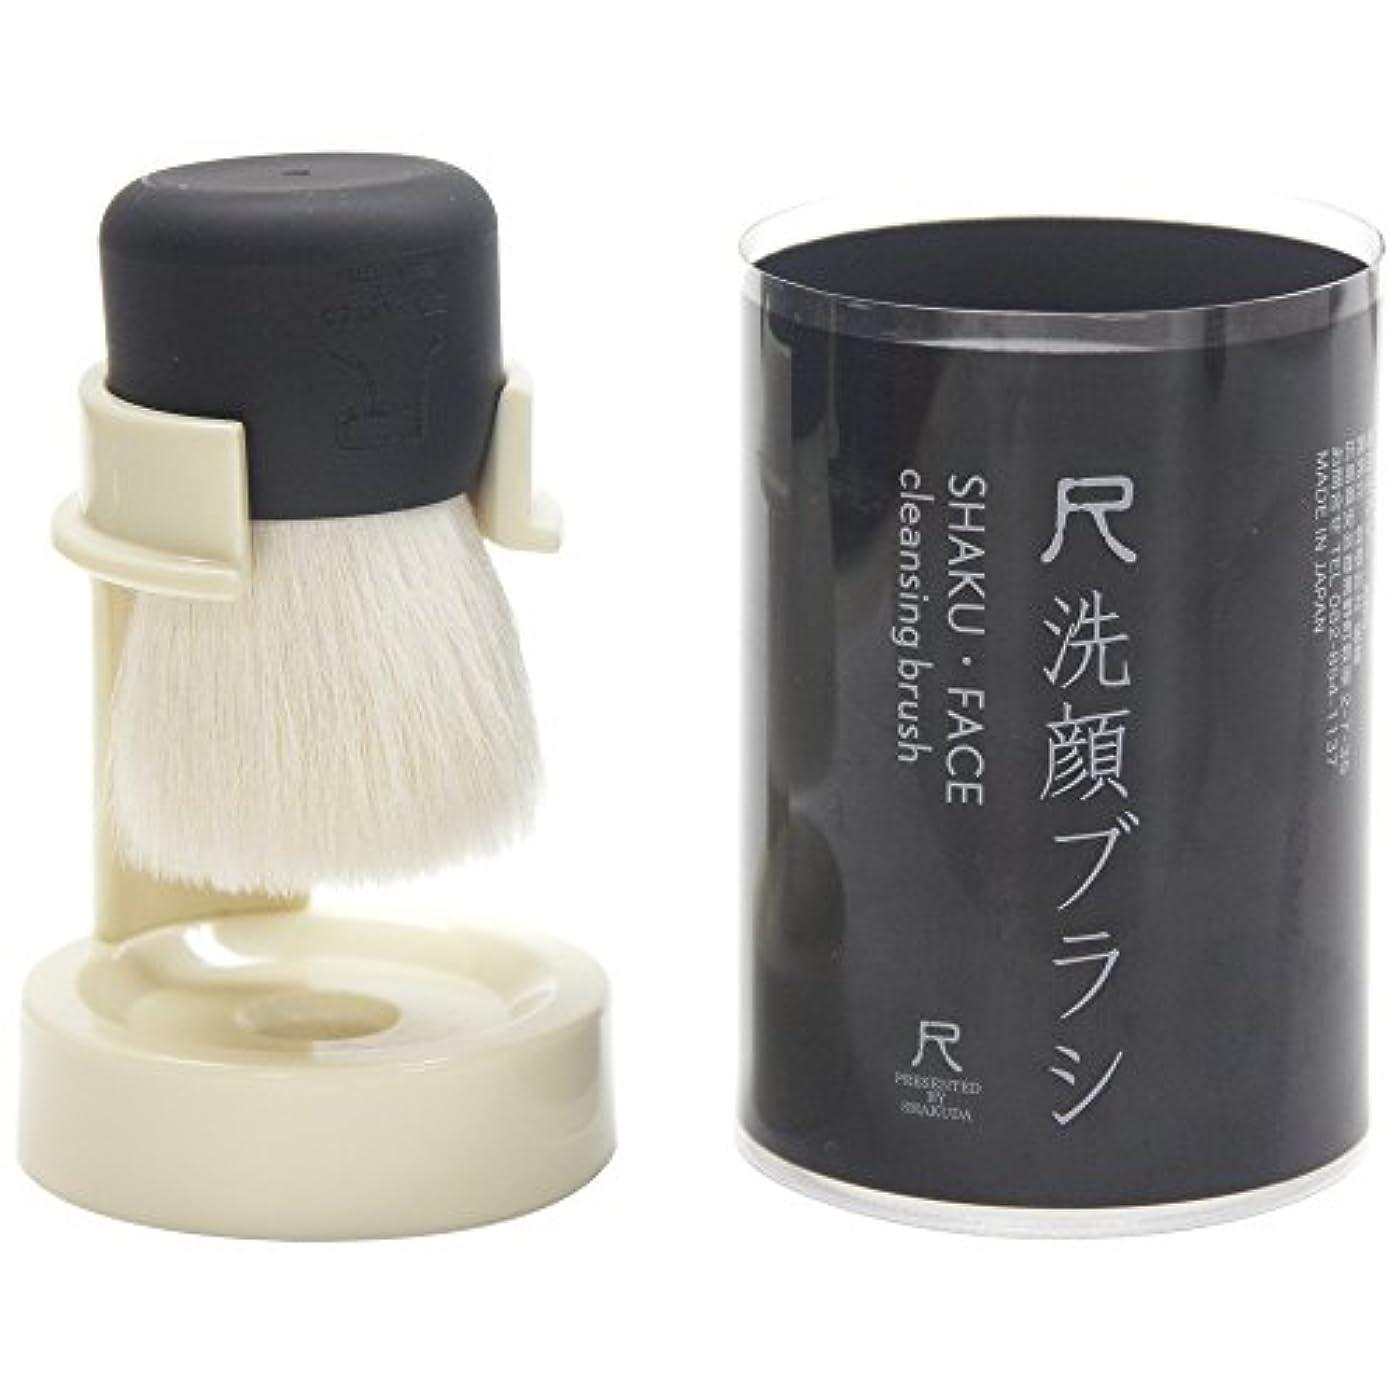 クスコセラー引き出し熊野筆 尺 洗顔ブラシ ブラック